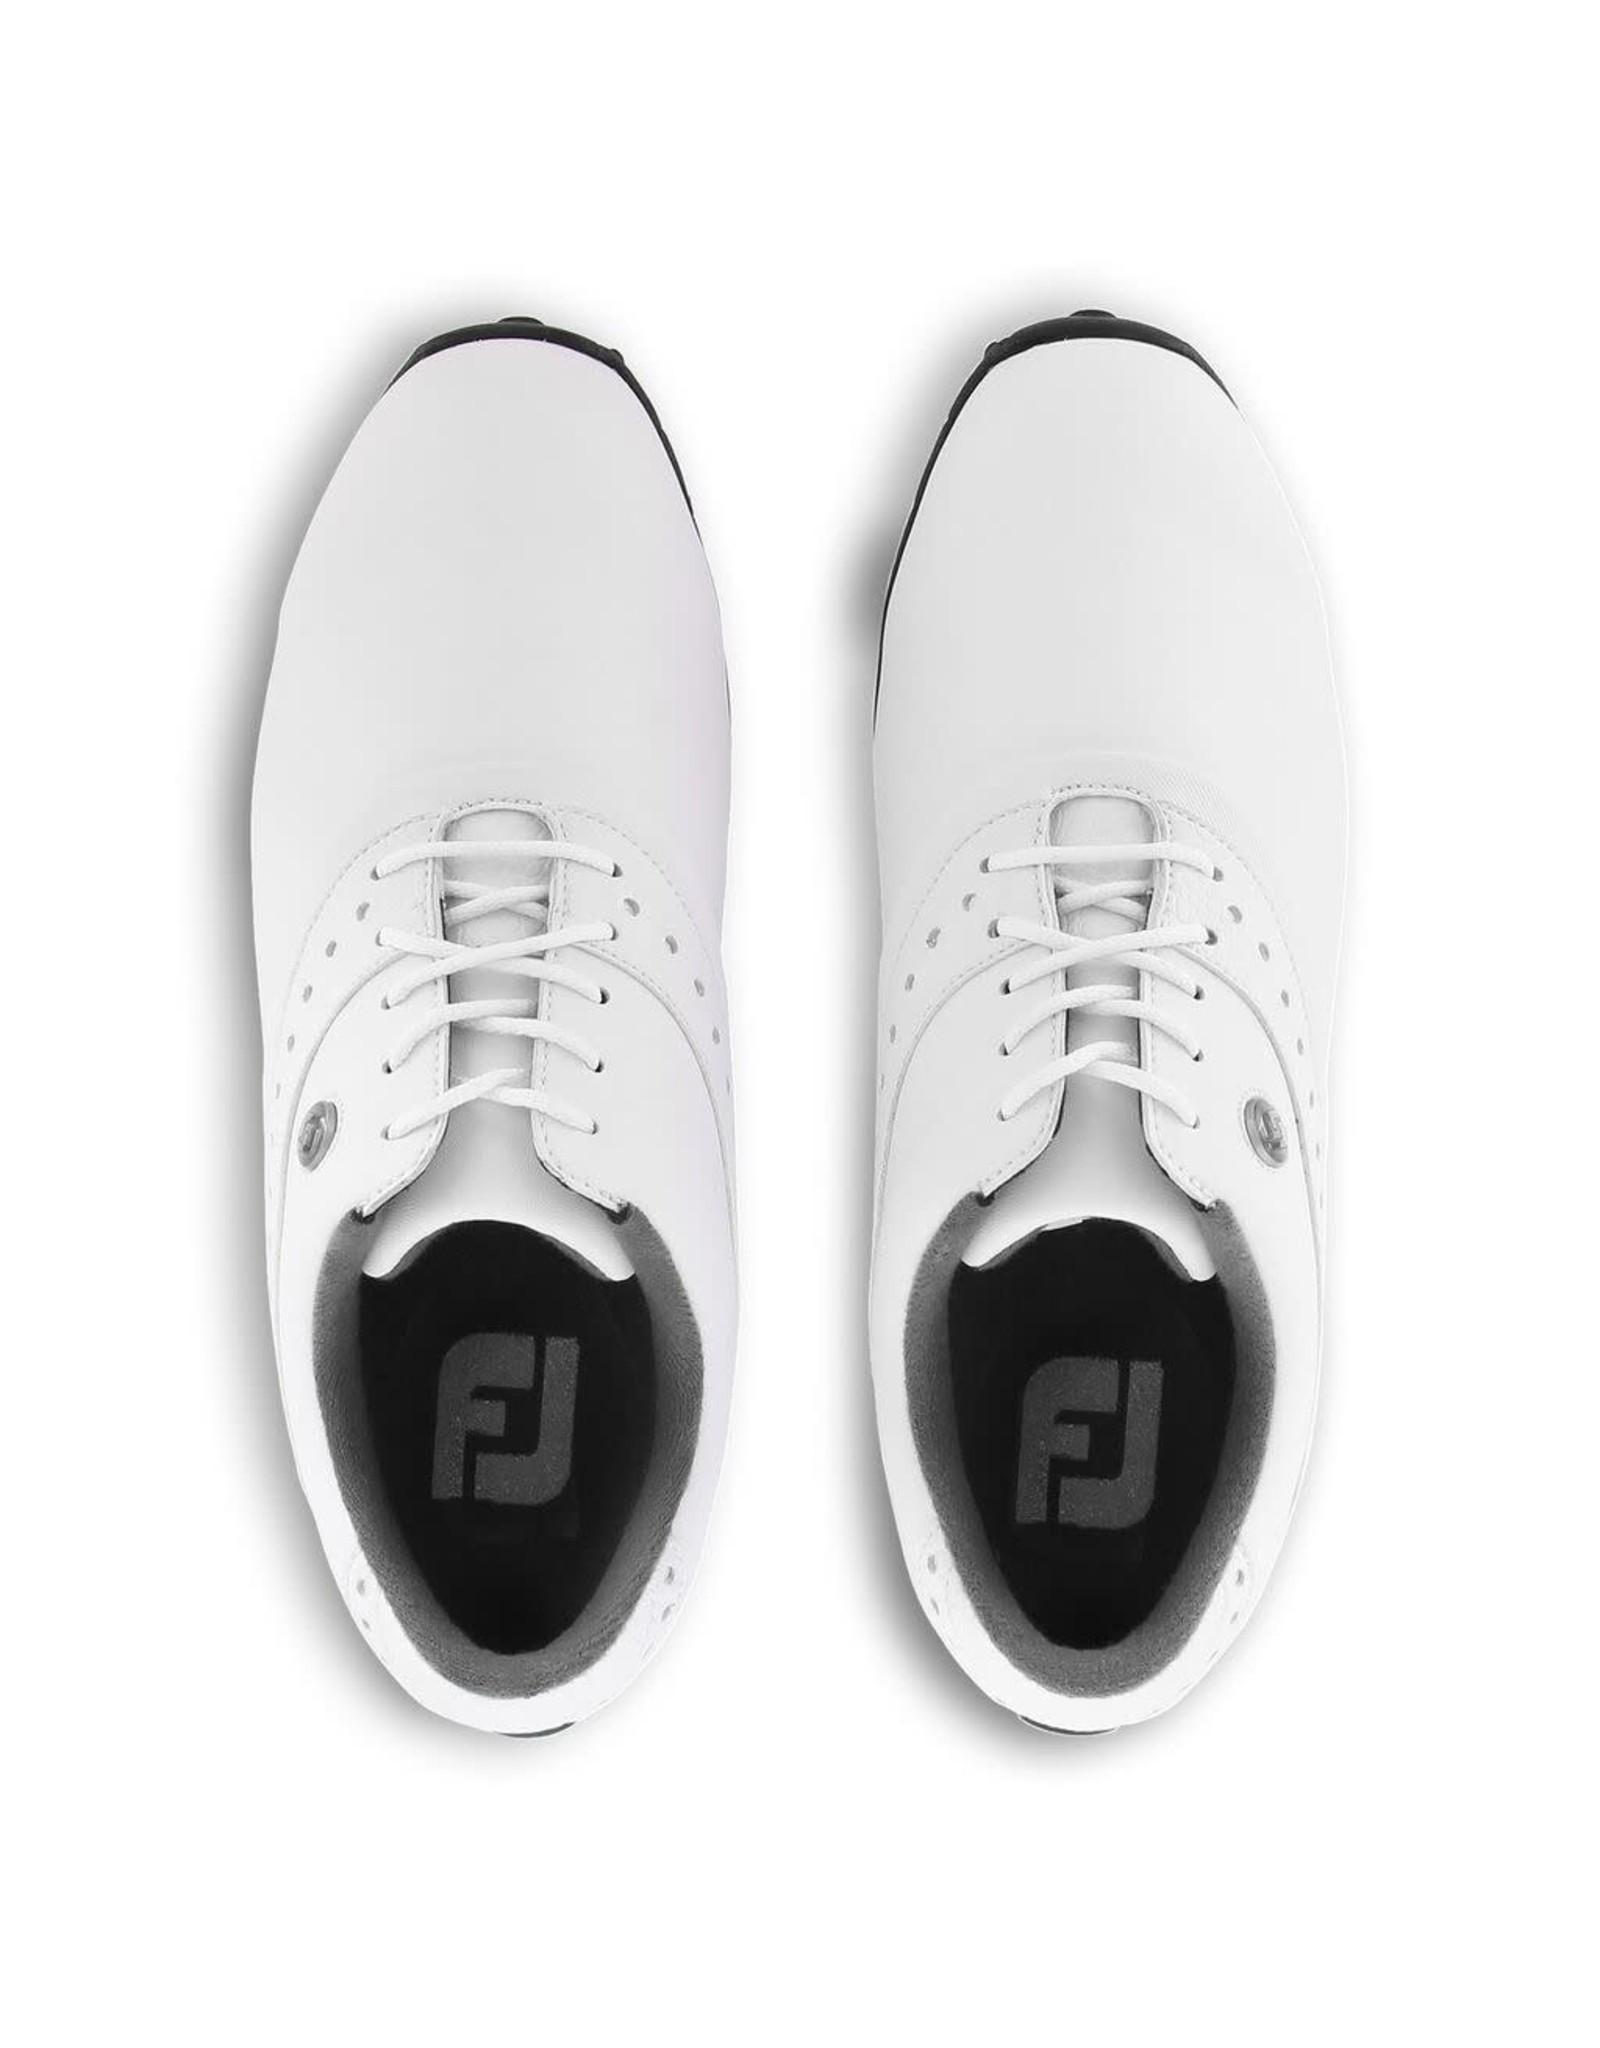 FJ FJ LoPro Collection Women's White